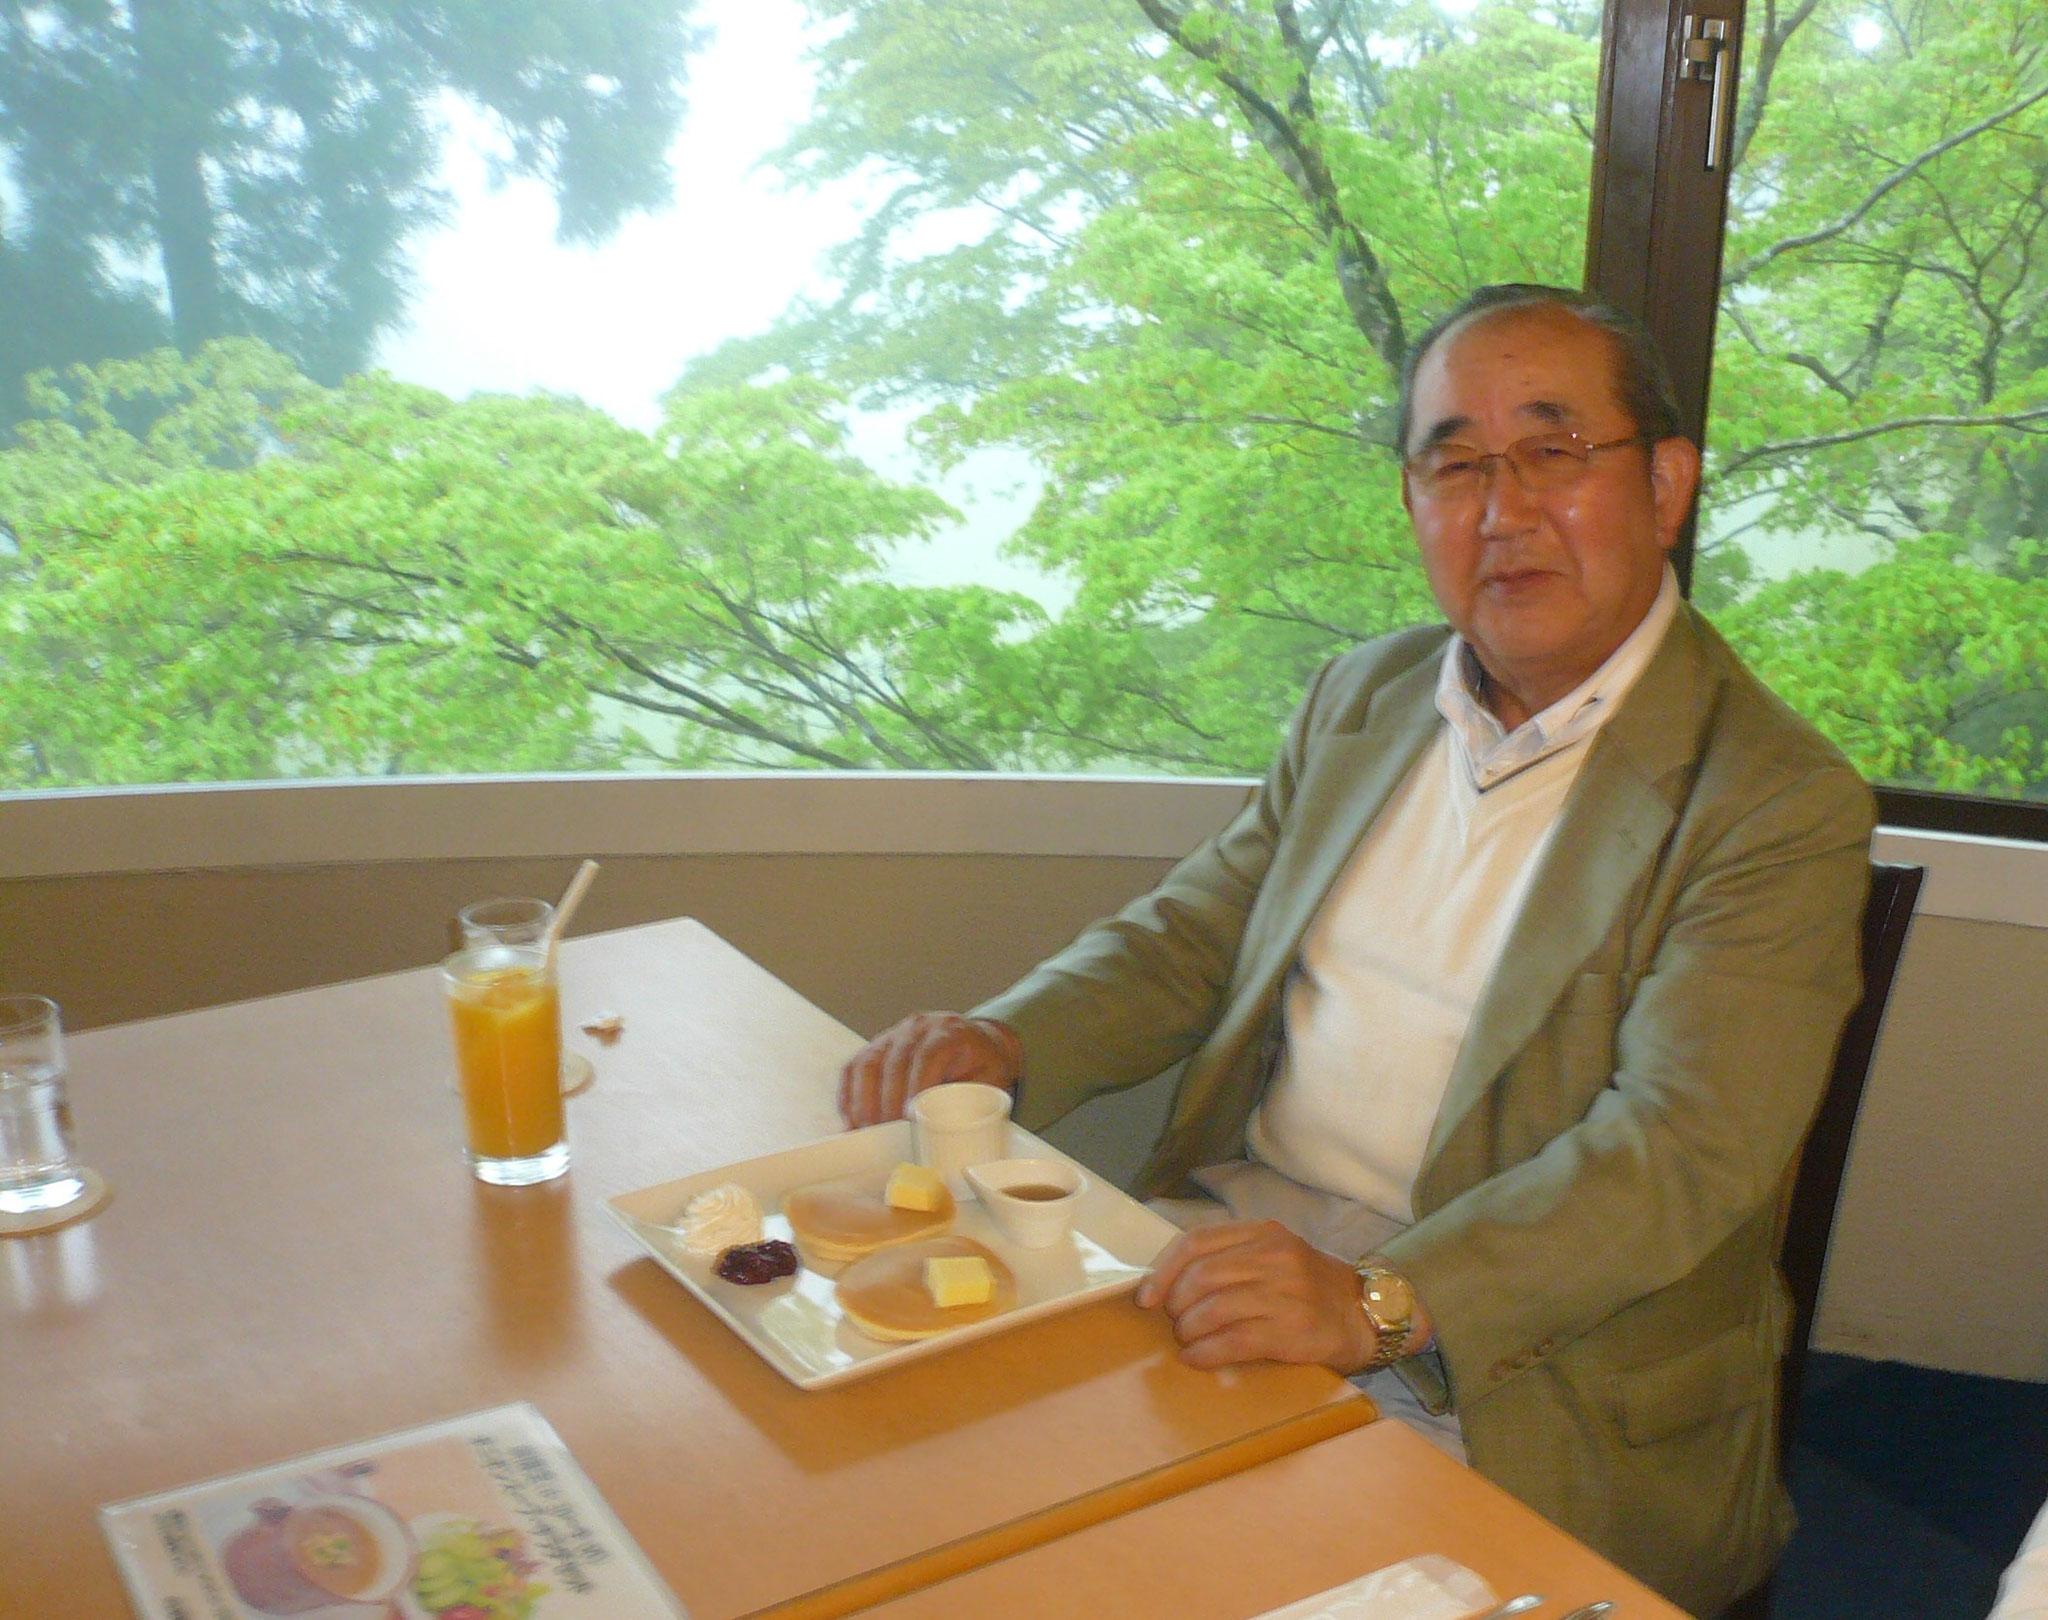 ホットケーキがよく似合う山崎さん